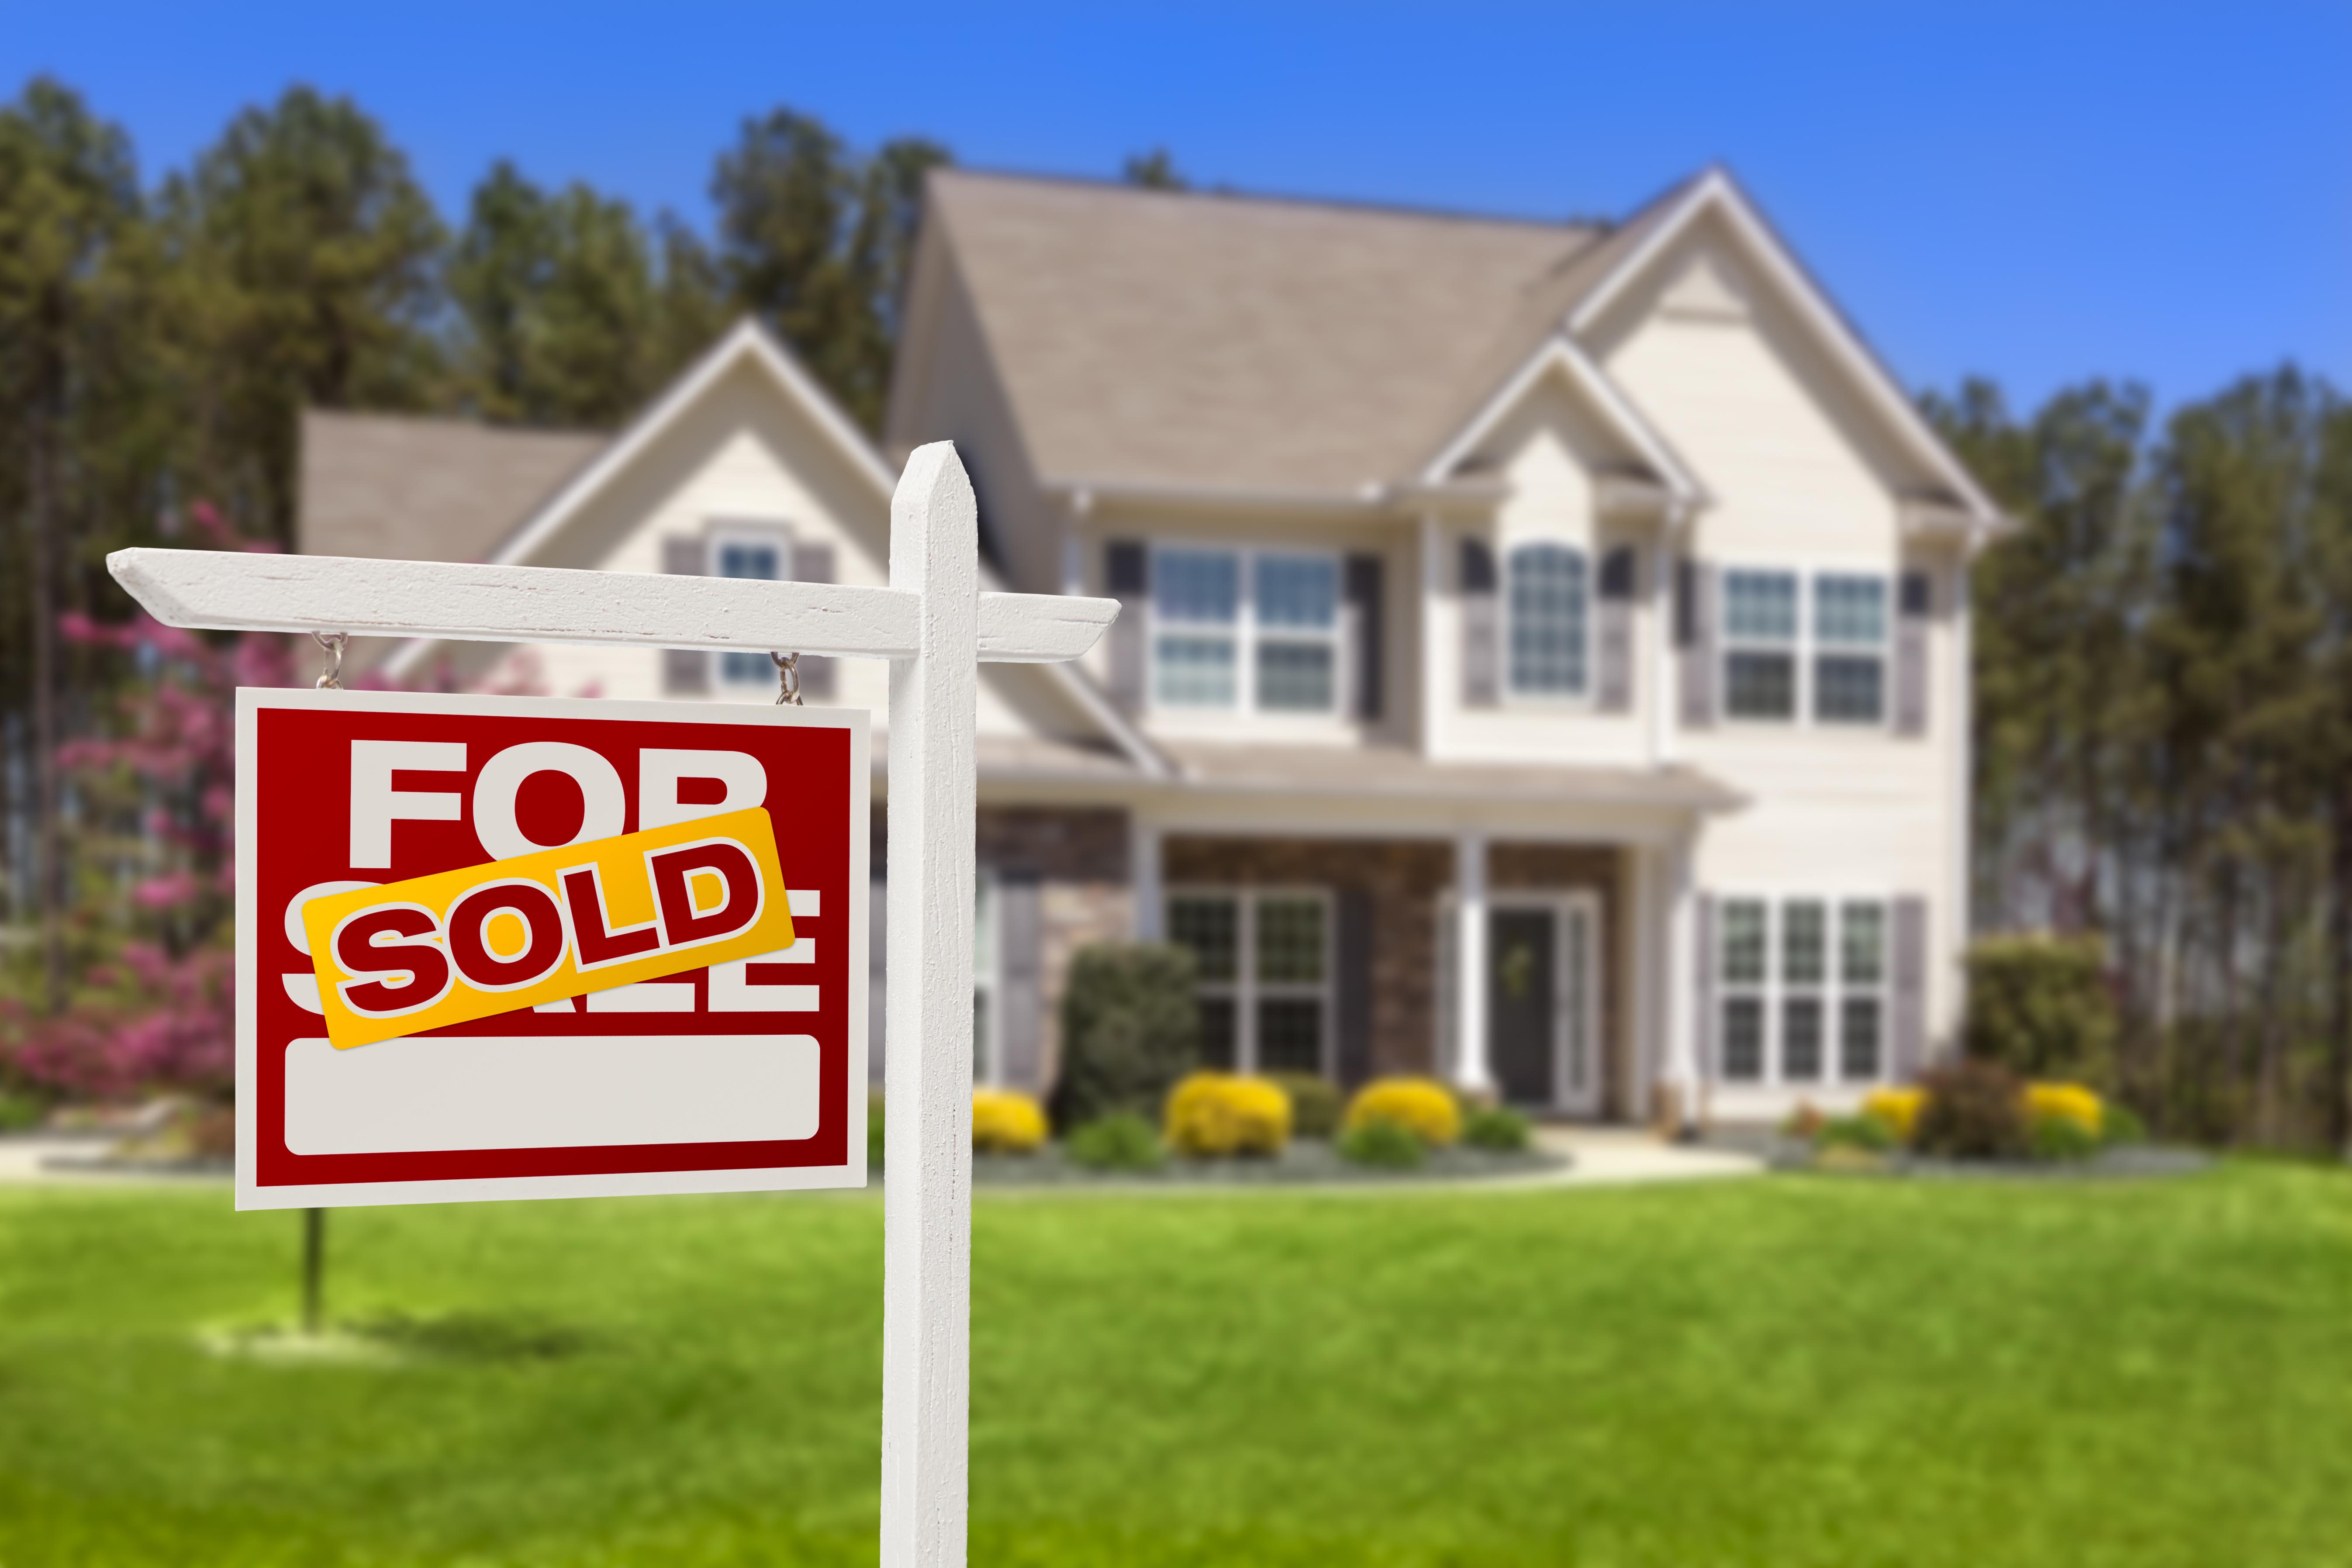 Homes For Sale in Layton, Utah